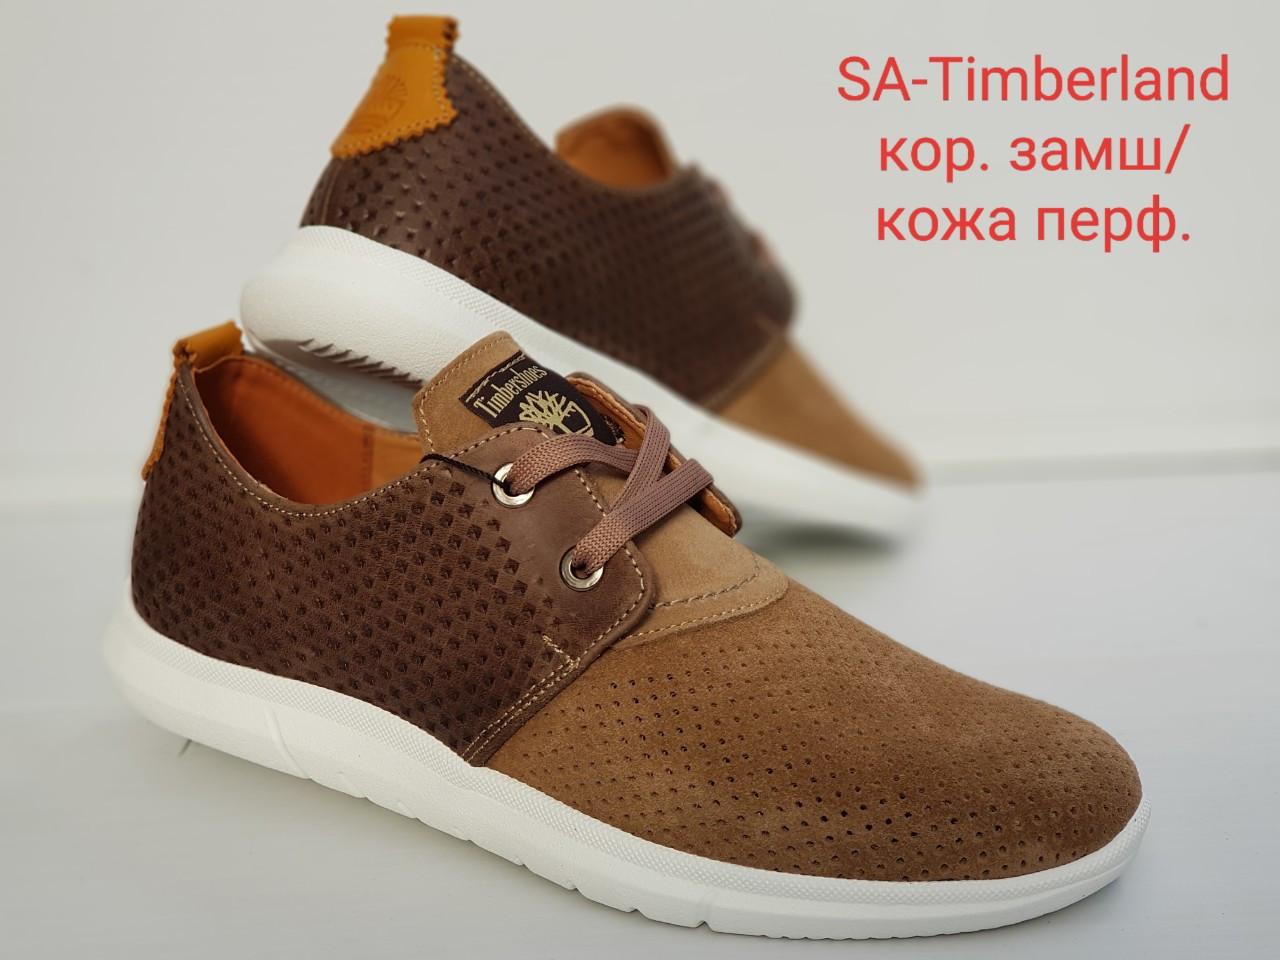 Кроссовки в стиле SA Timberland коричневые